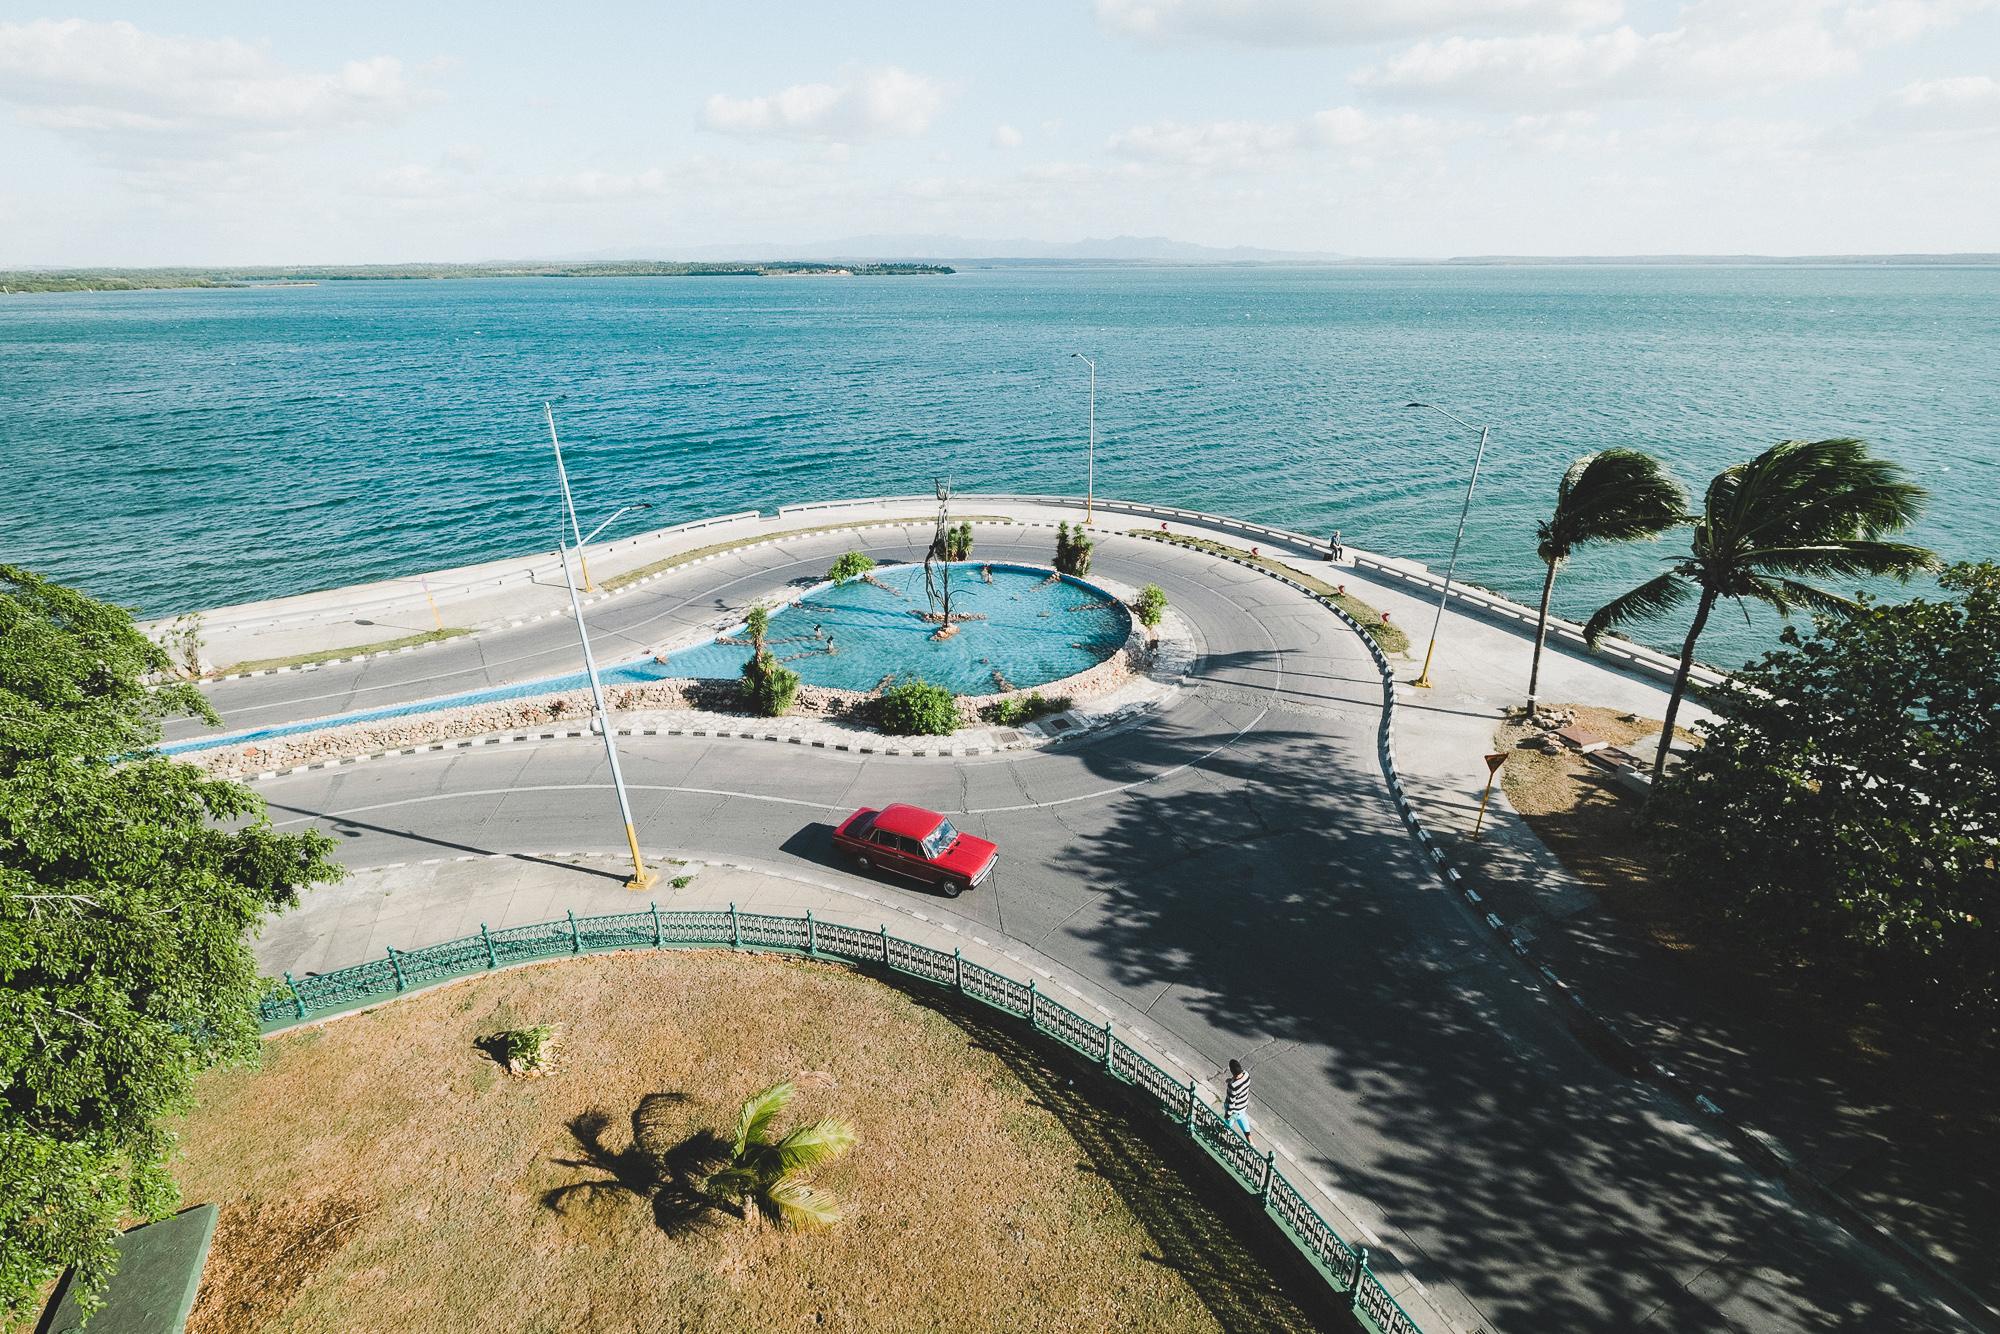 The views across the sea at Palacio de Valle